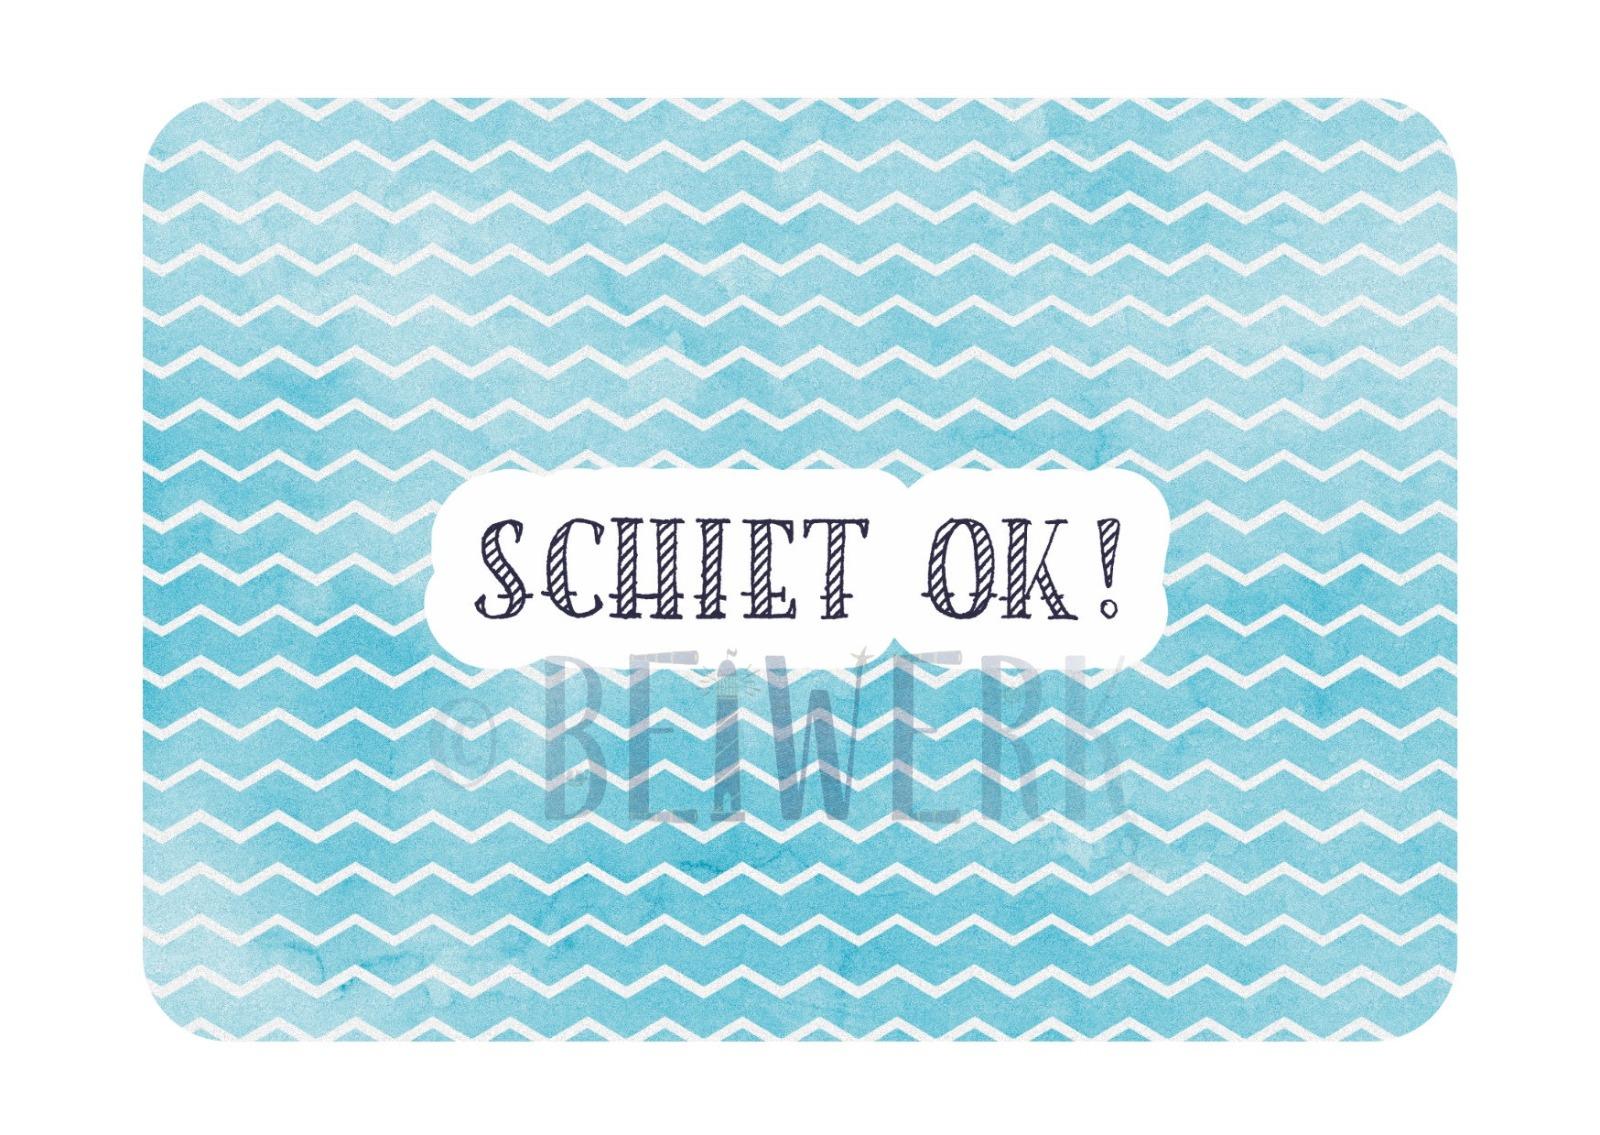 Postkarte Schiet ok - 1